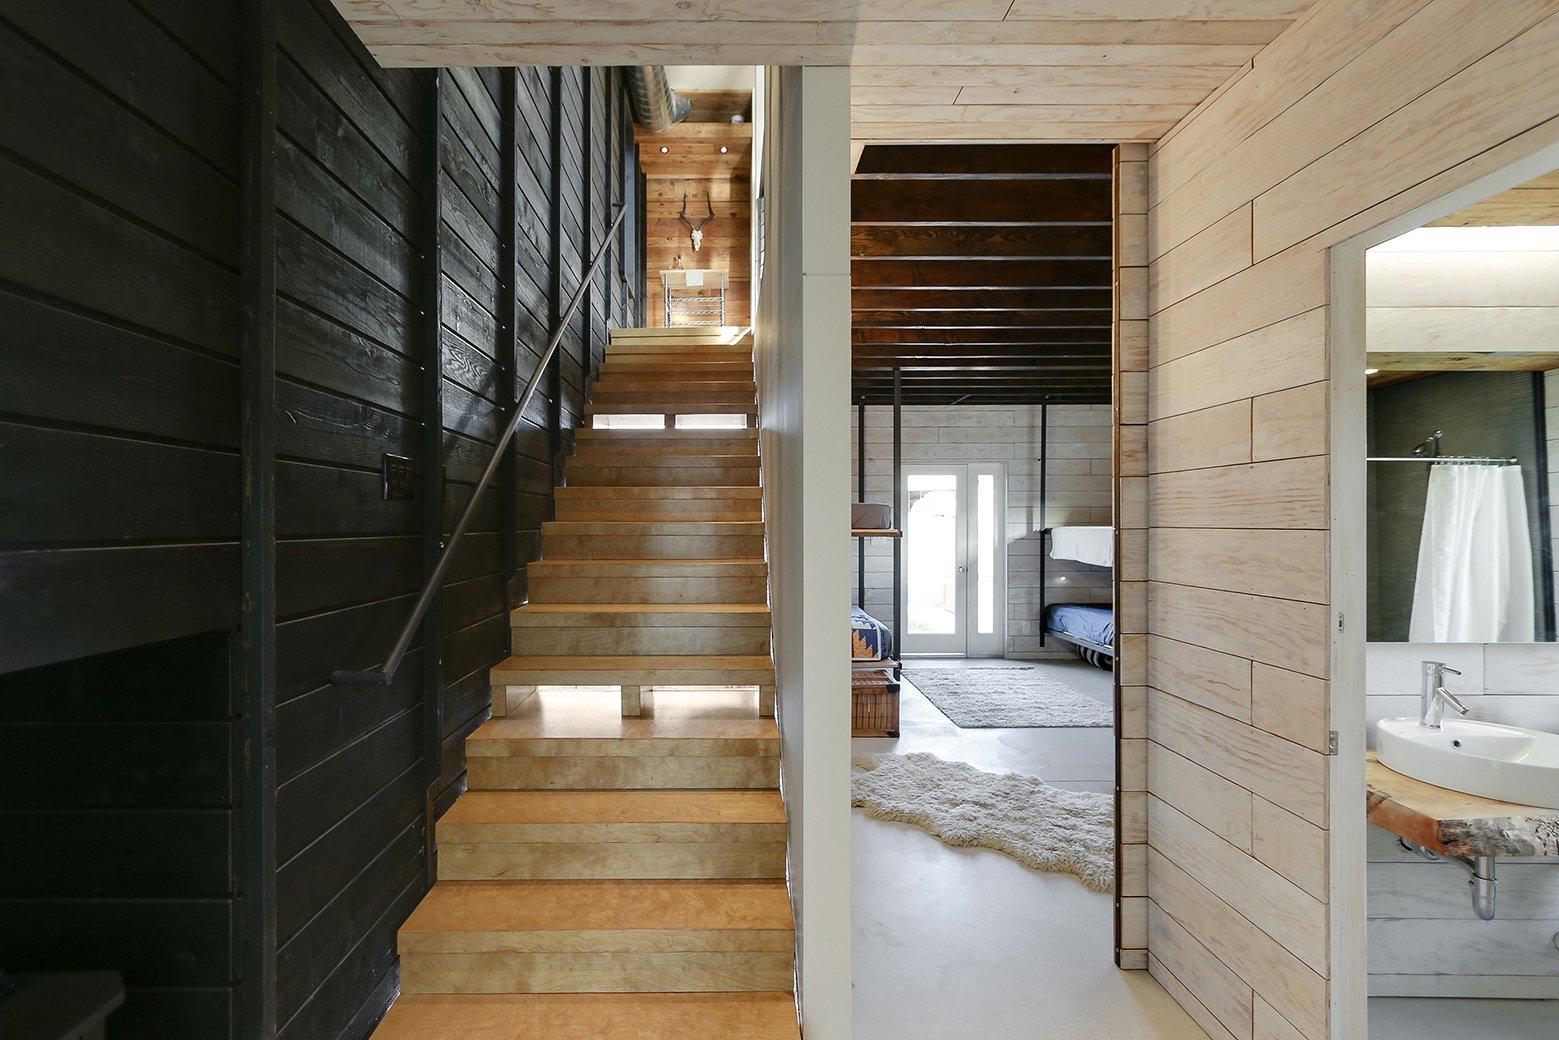 510 Cabin / Hunter Leggitt Studio (8)